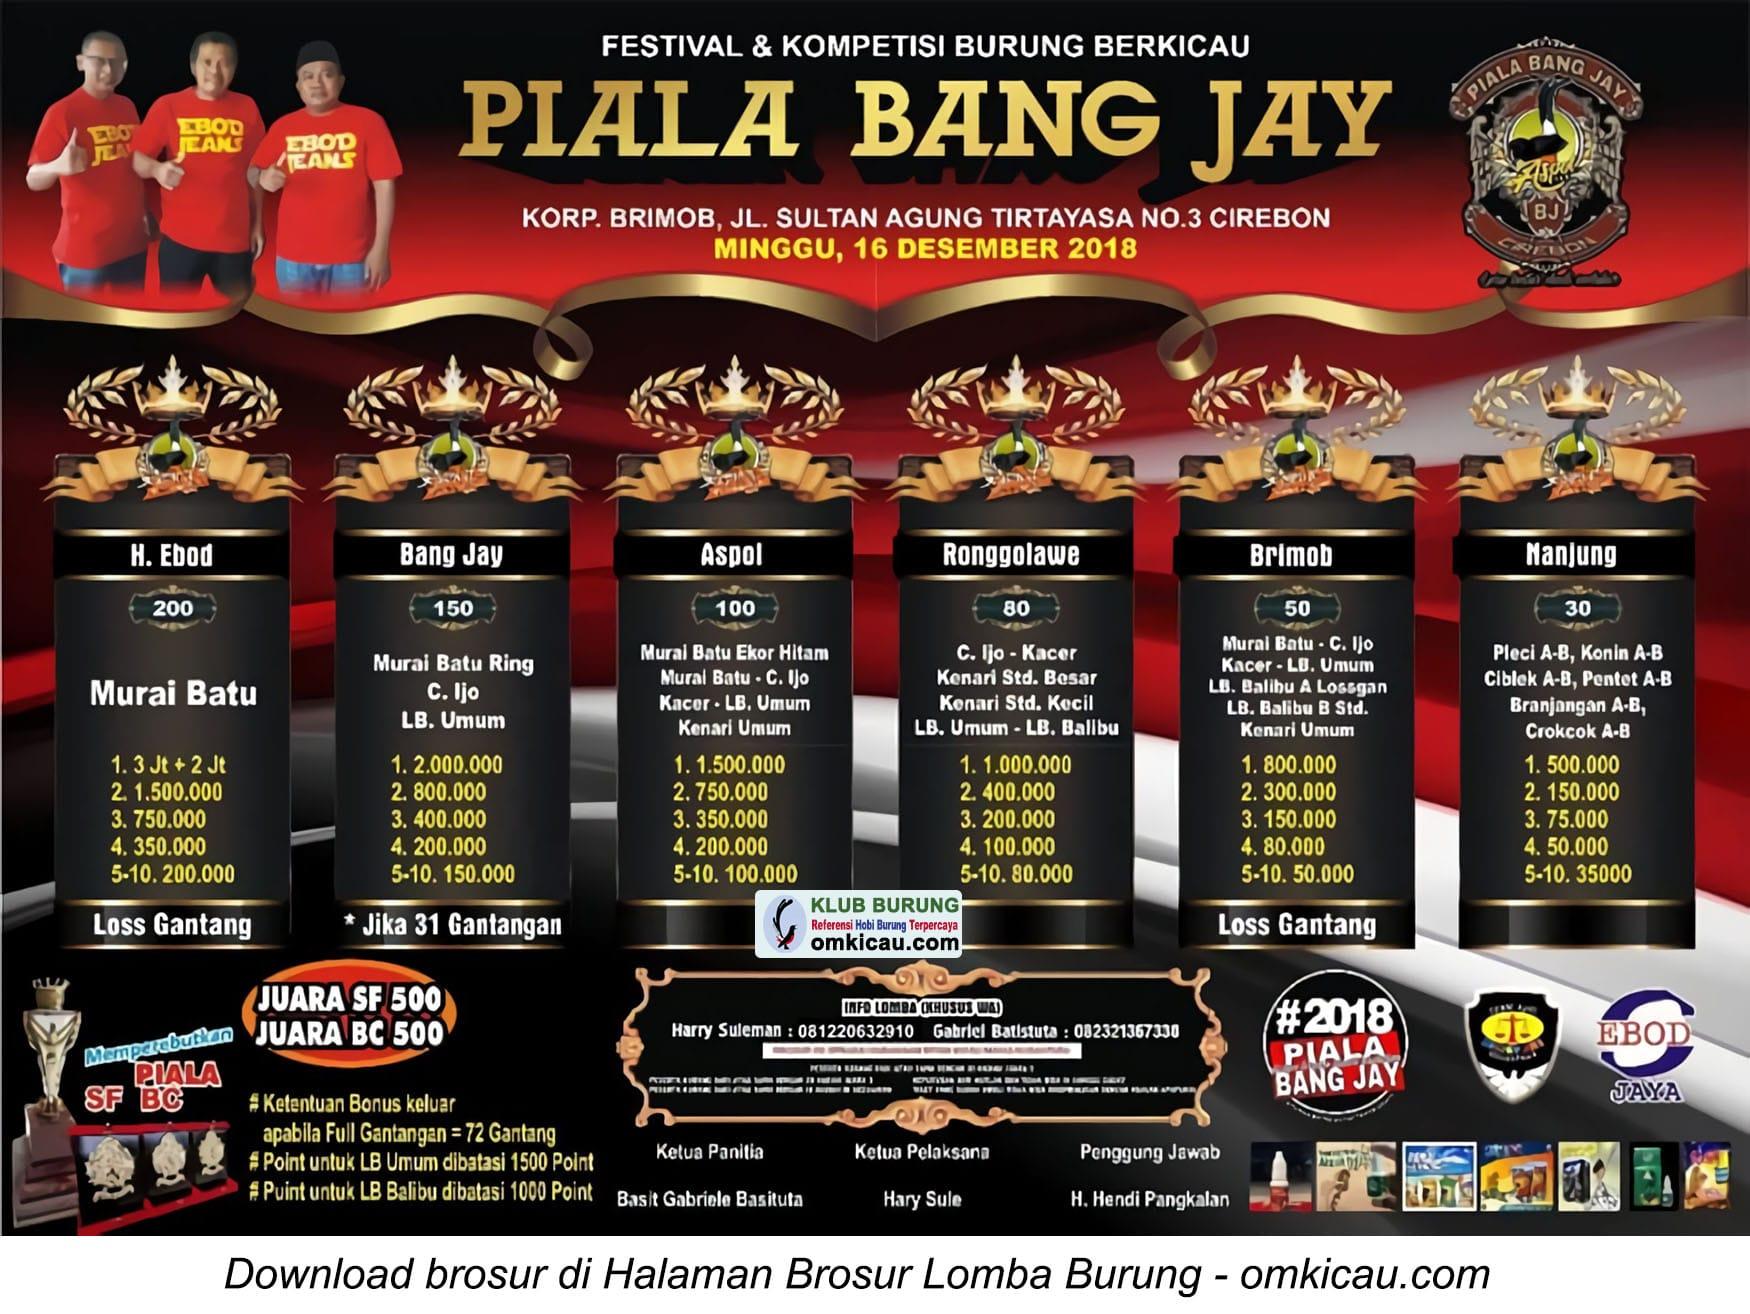 Piala Bang Jay